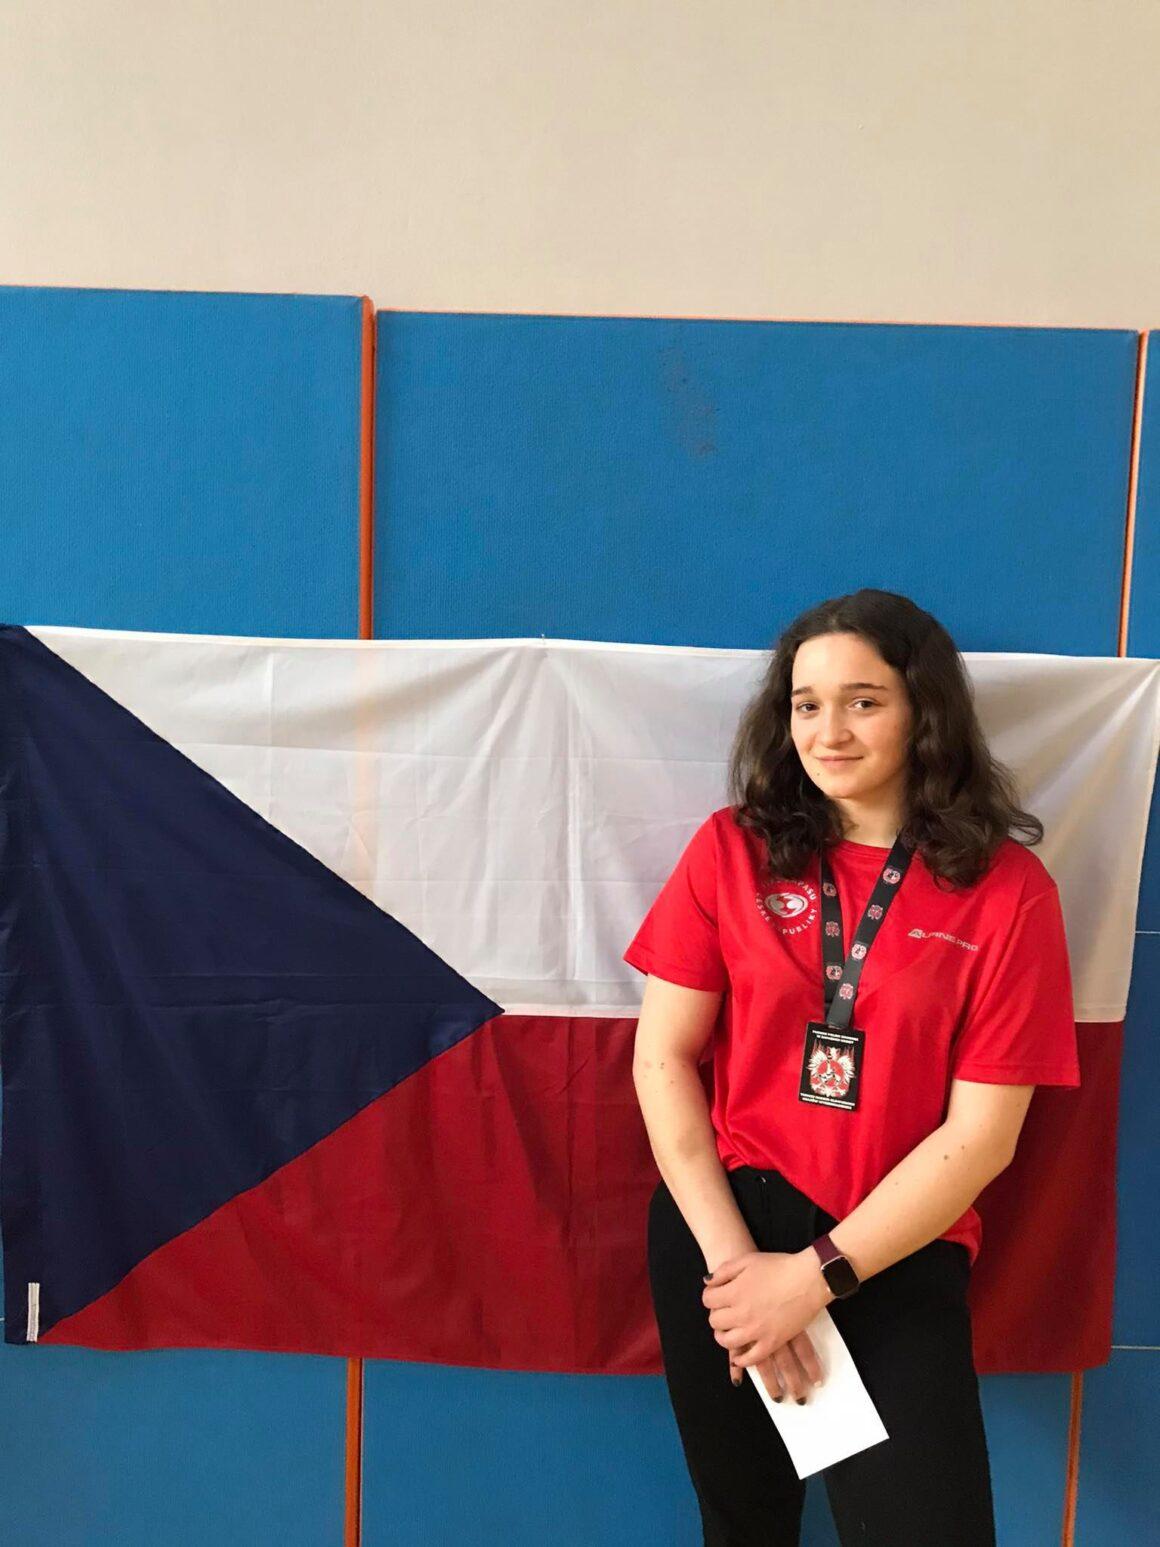 Vendula Piskořová si z turnaje olympijských nadějí odváží bronz!